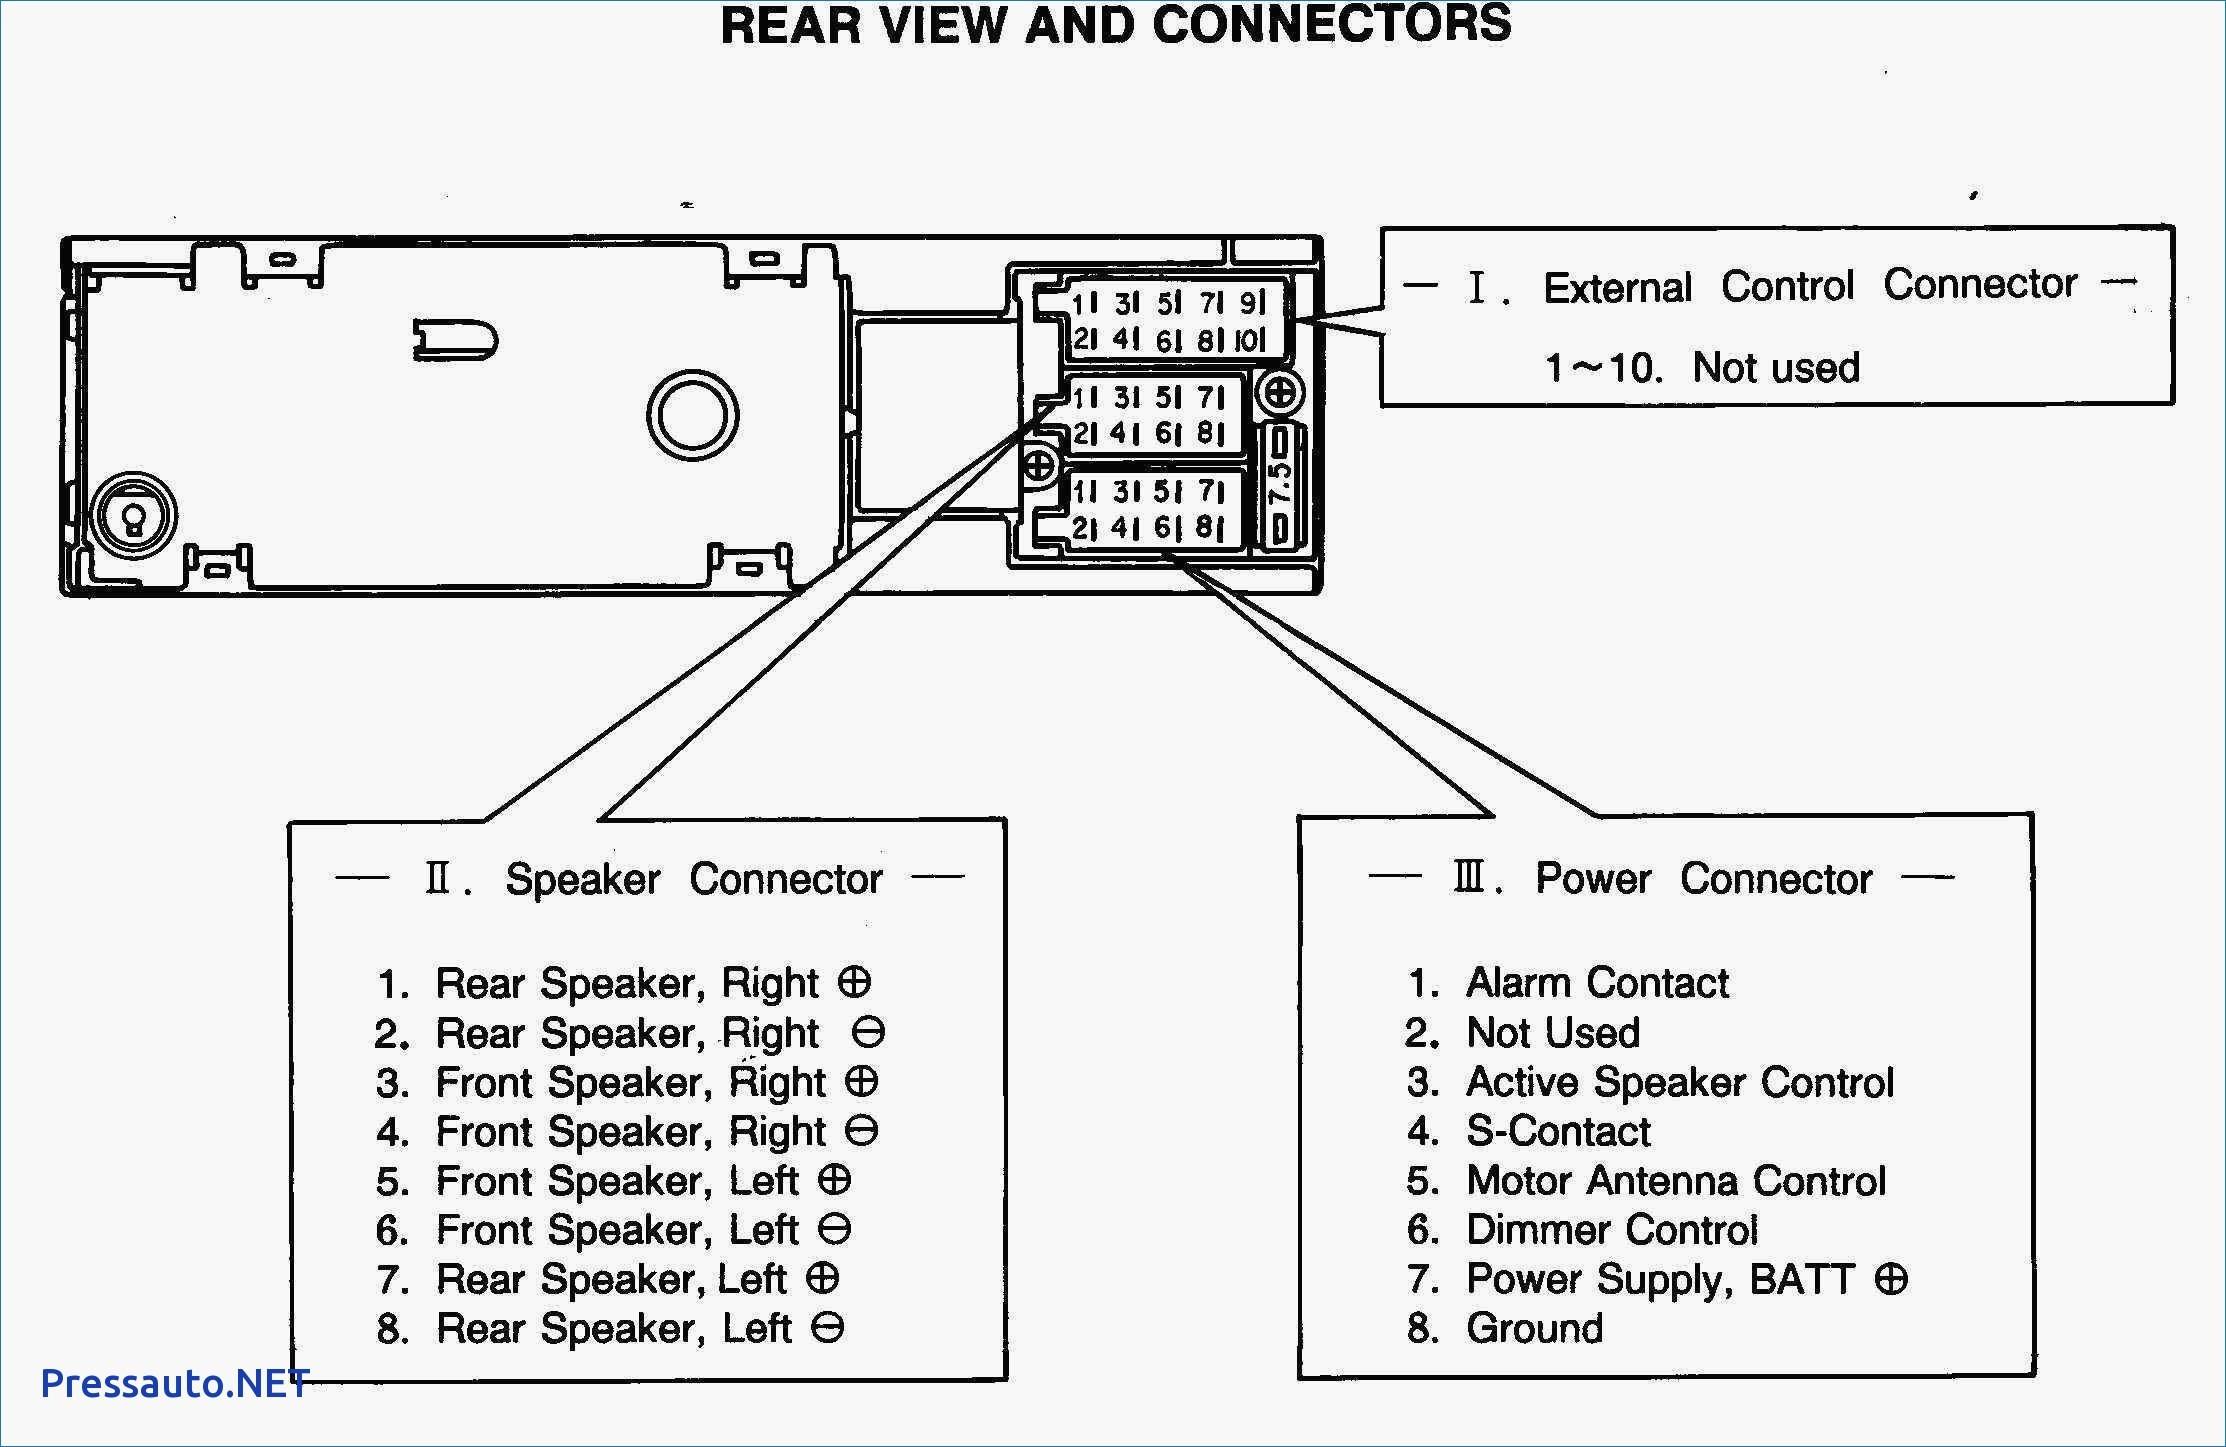 Car Stereo Speaker Wiring Diagram Fresh Speaker Wiring Diagram Series Vs Parallel Diagram Of Car Stereo Speaker Wiring Diagram